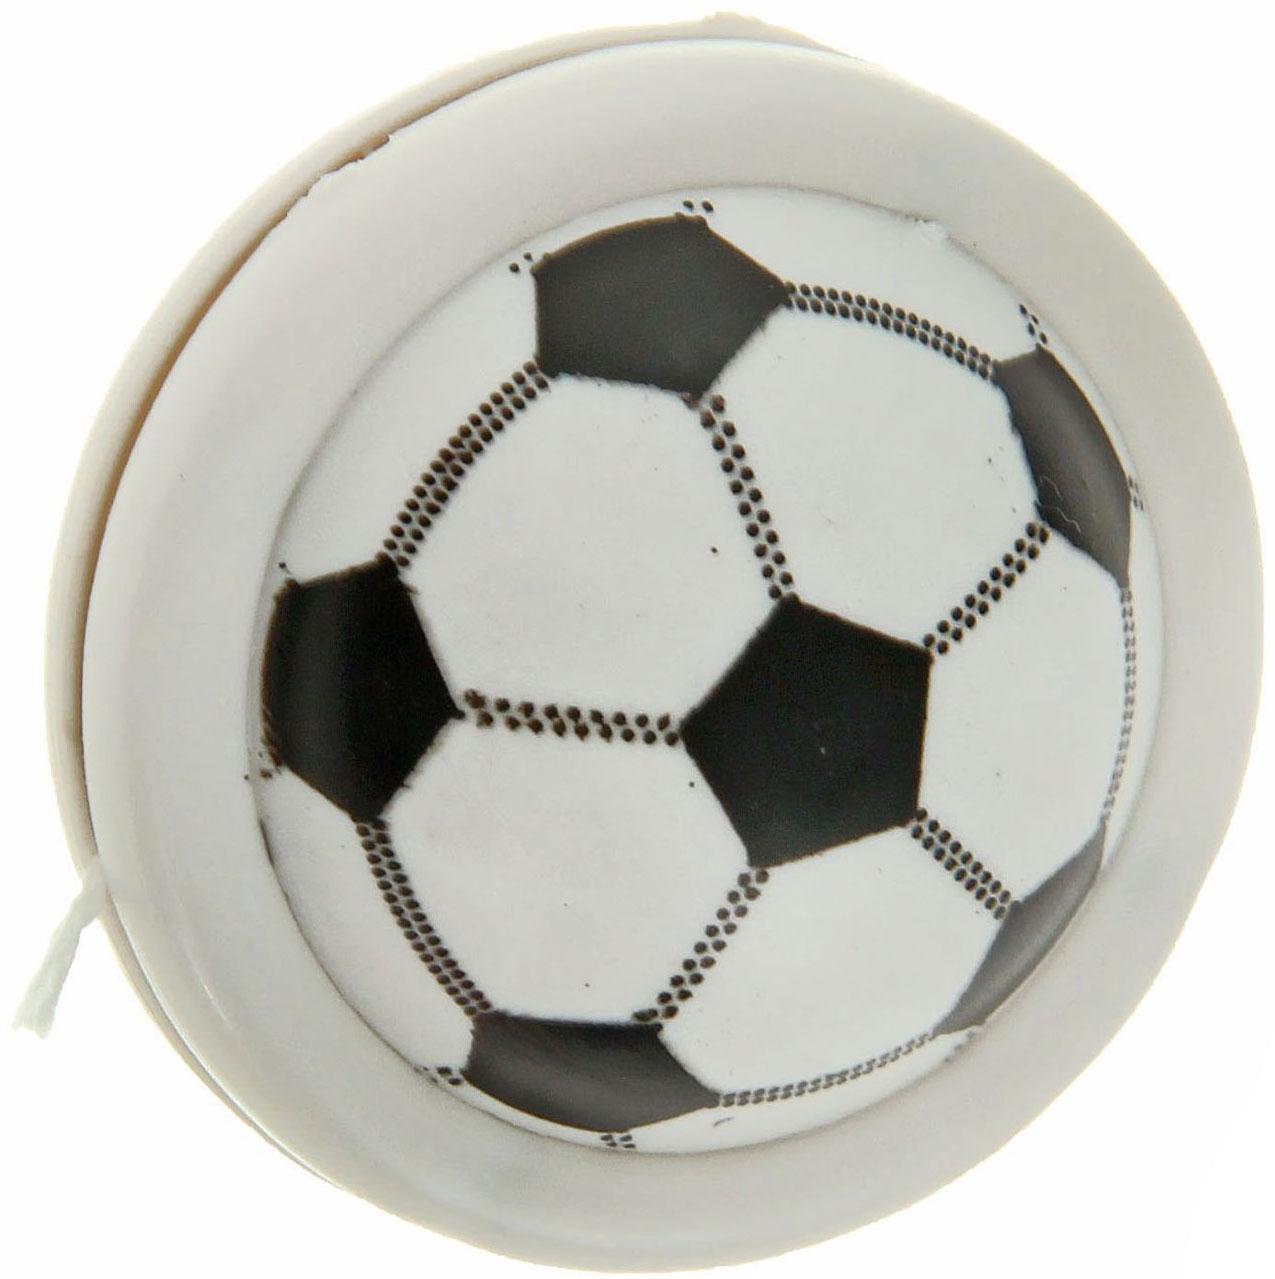 Sima-land Йо-йо Футбол цвет белый черный